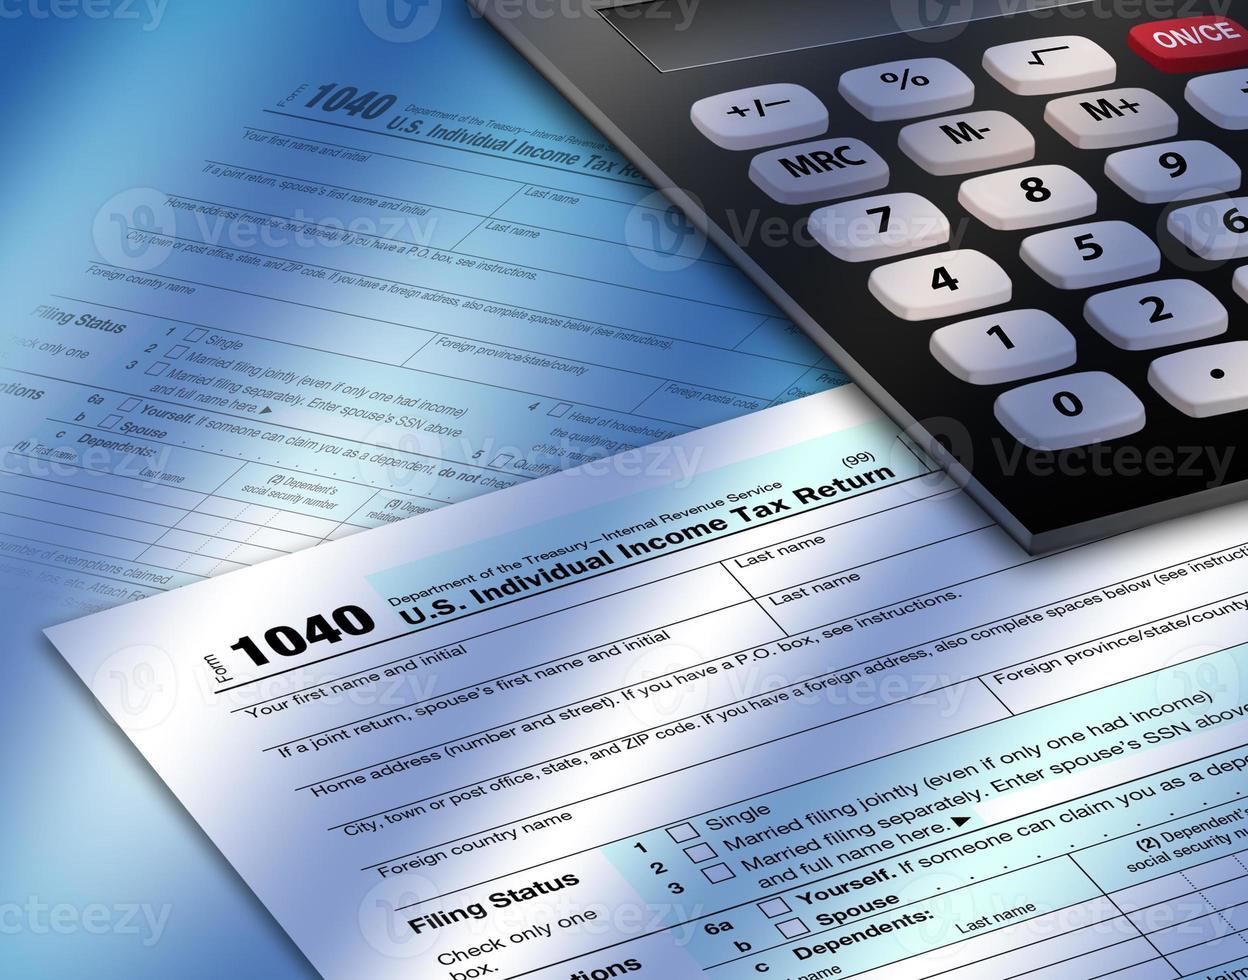 modulo imposta sul reddito 1040 con calibro foto